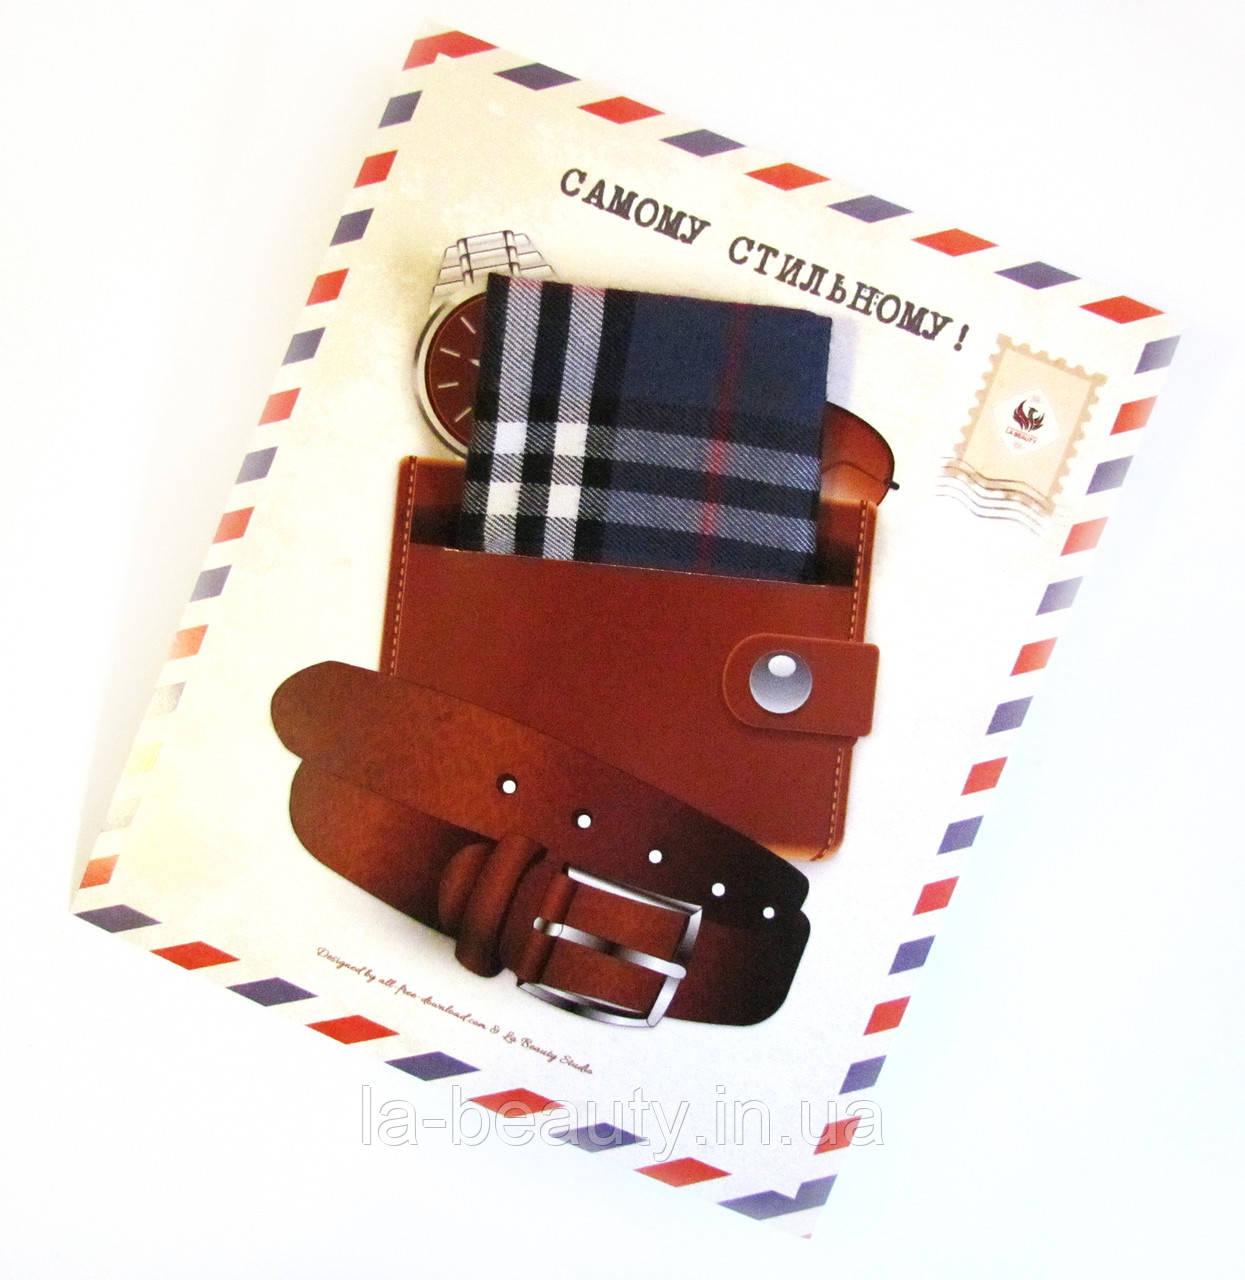 Мужской носовой платок подарочный Самому стильному синий клетчатый